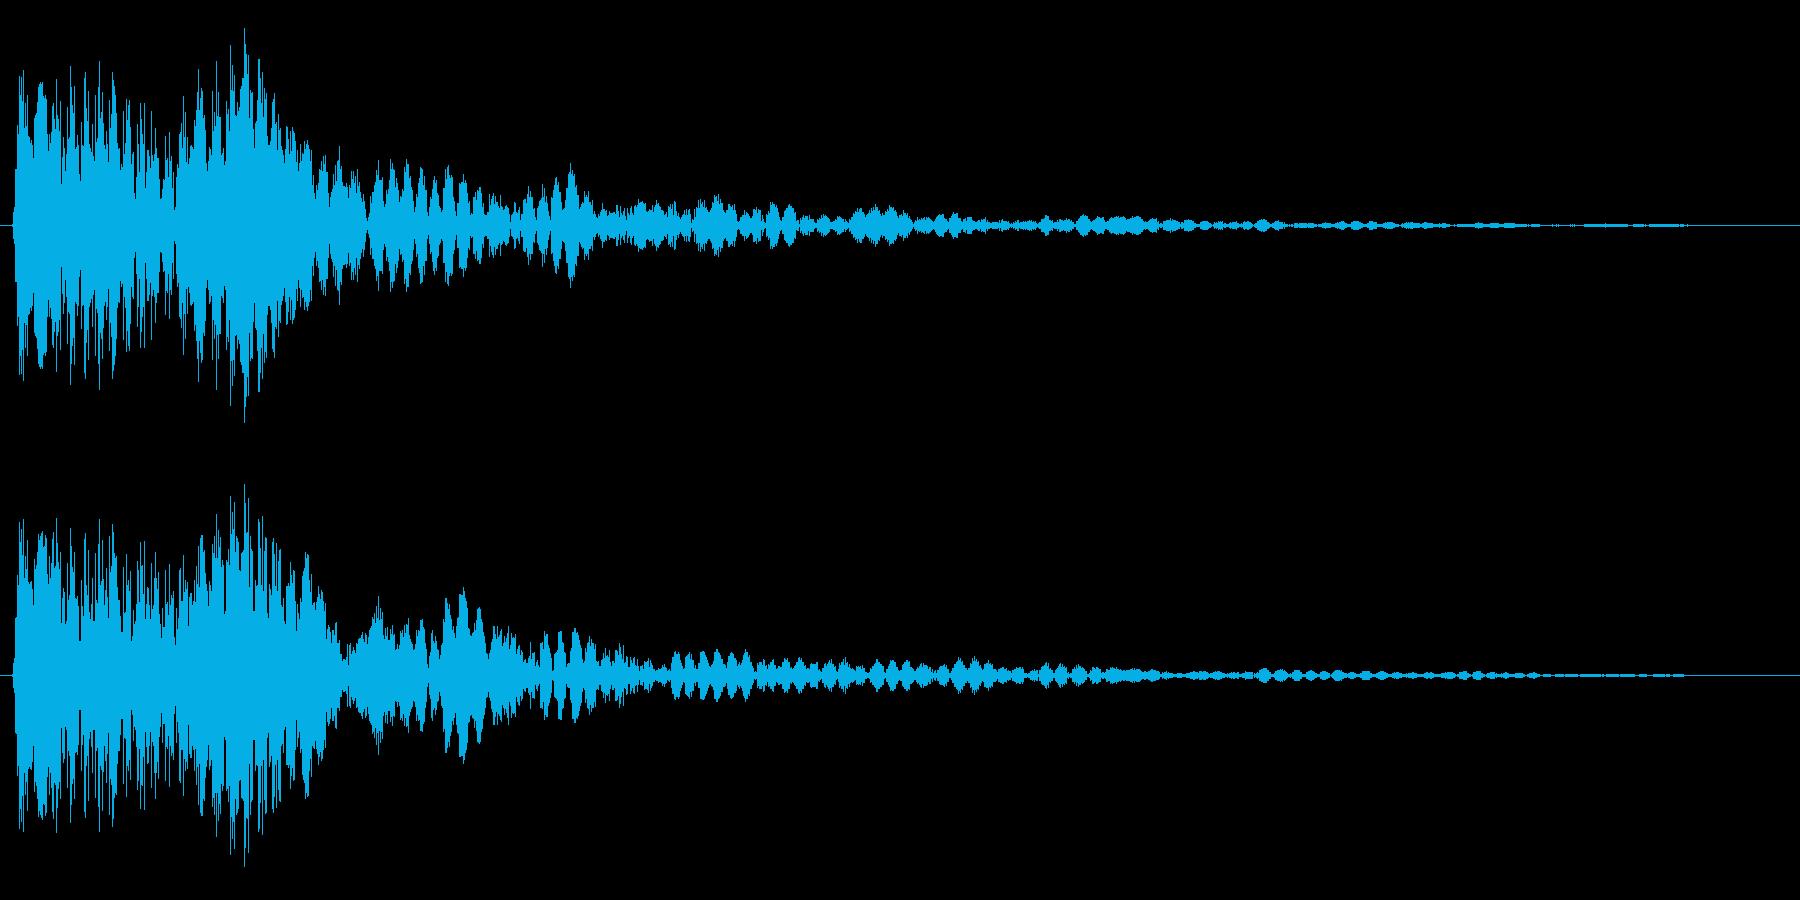 プフォン(浮遊感のあるアクション音)の再生済みの波形